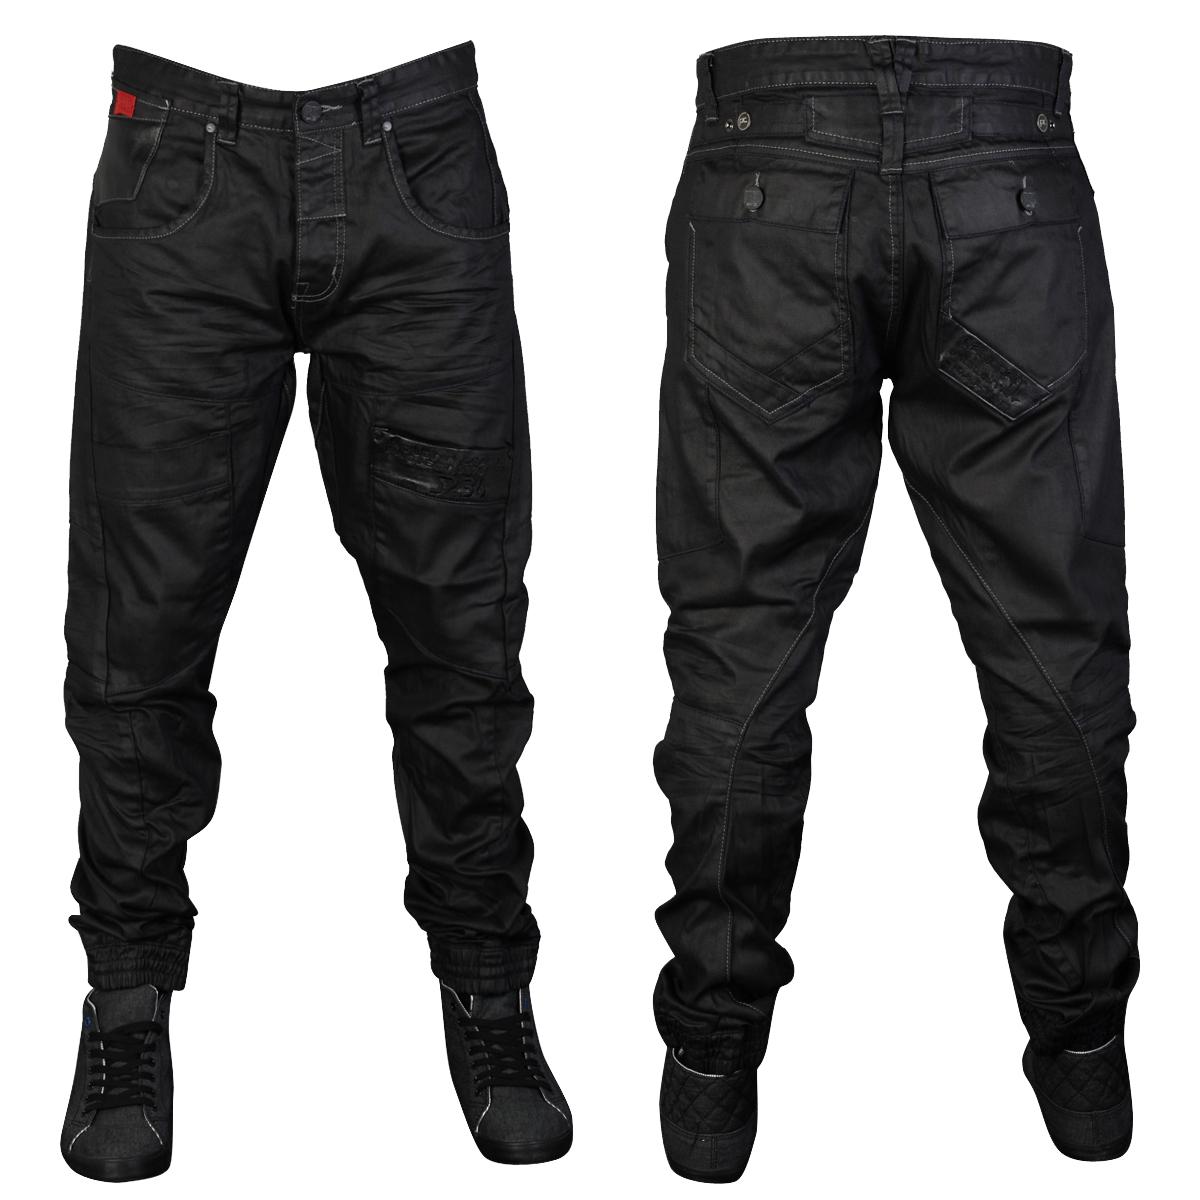 Shop Men's Clothing - Mens Suits, Dress Shirts & Sportcoats | Men's WearhouseBrands: Calvin Klein, Joseph Abboud, Kenneth Cole.